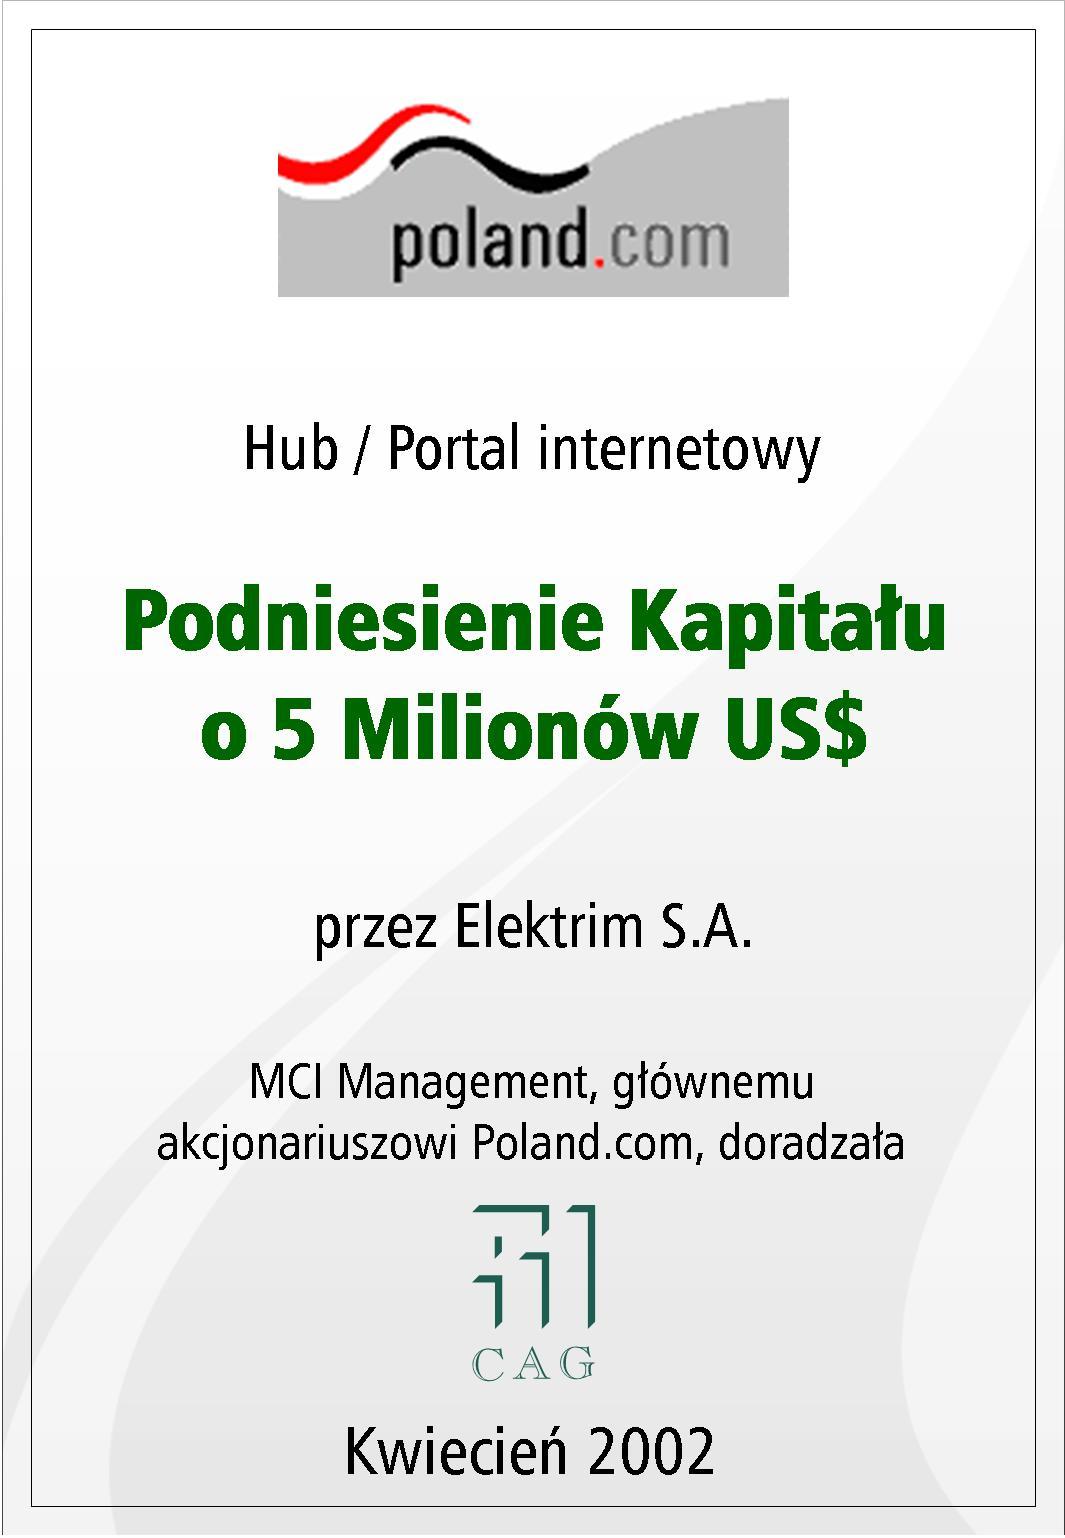 Poland.com